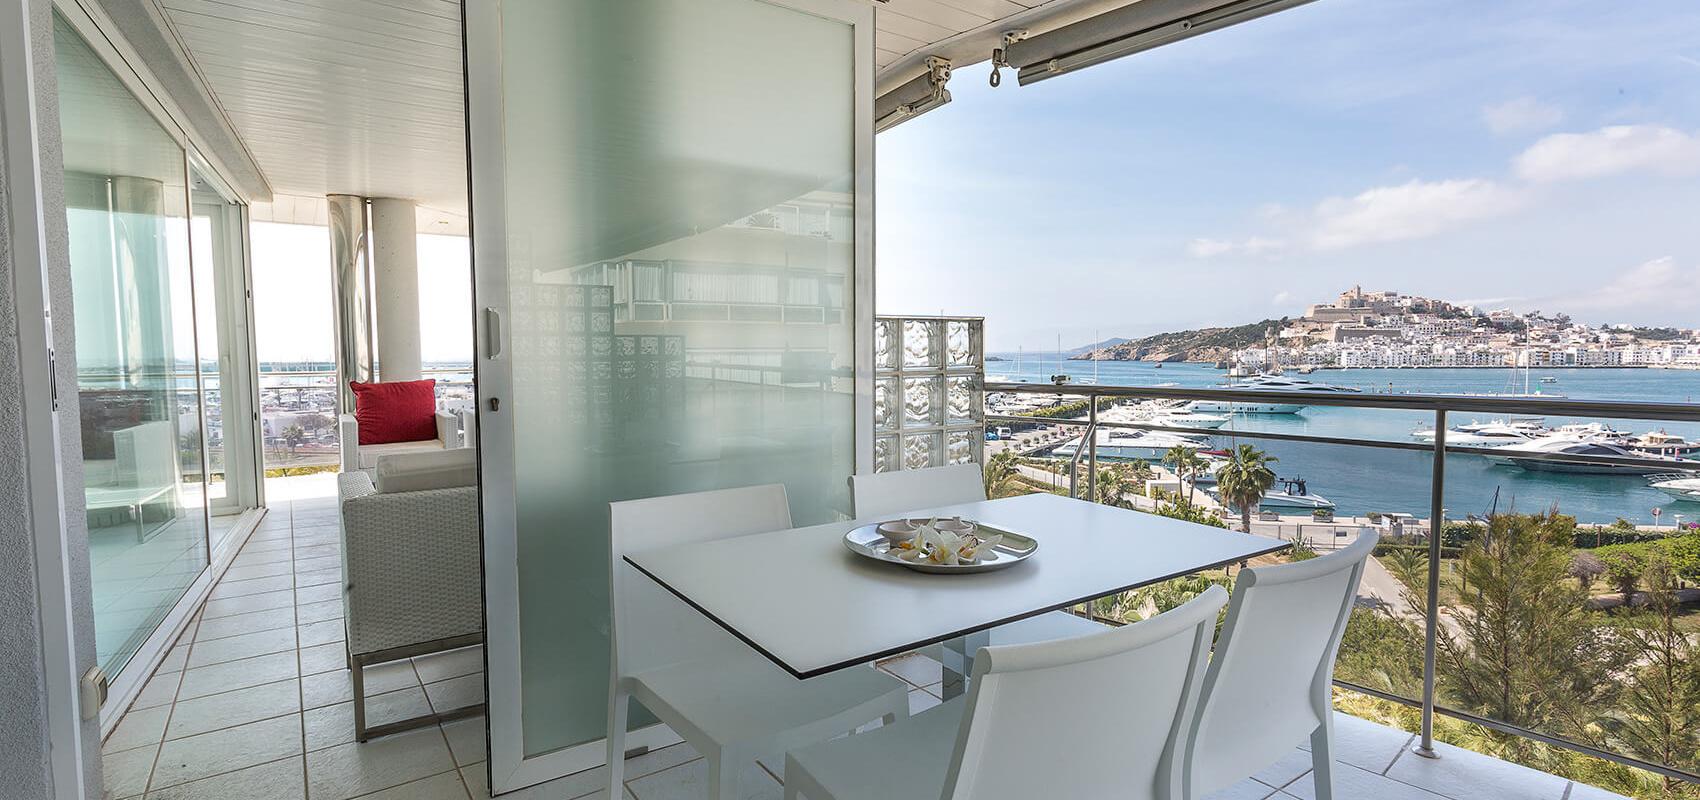 Comedor de verano y terraza